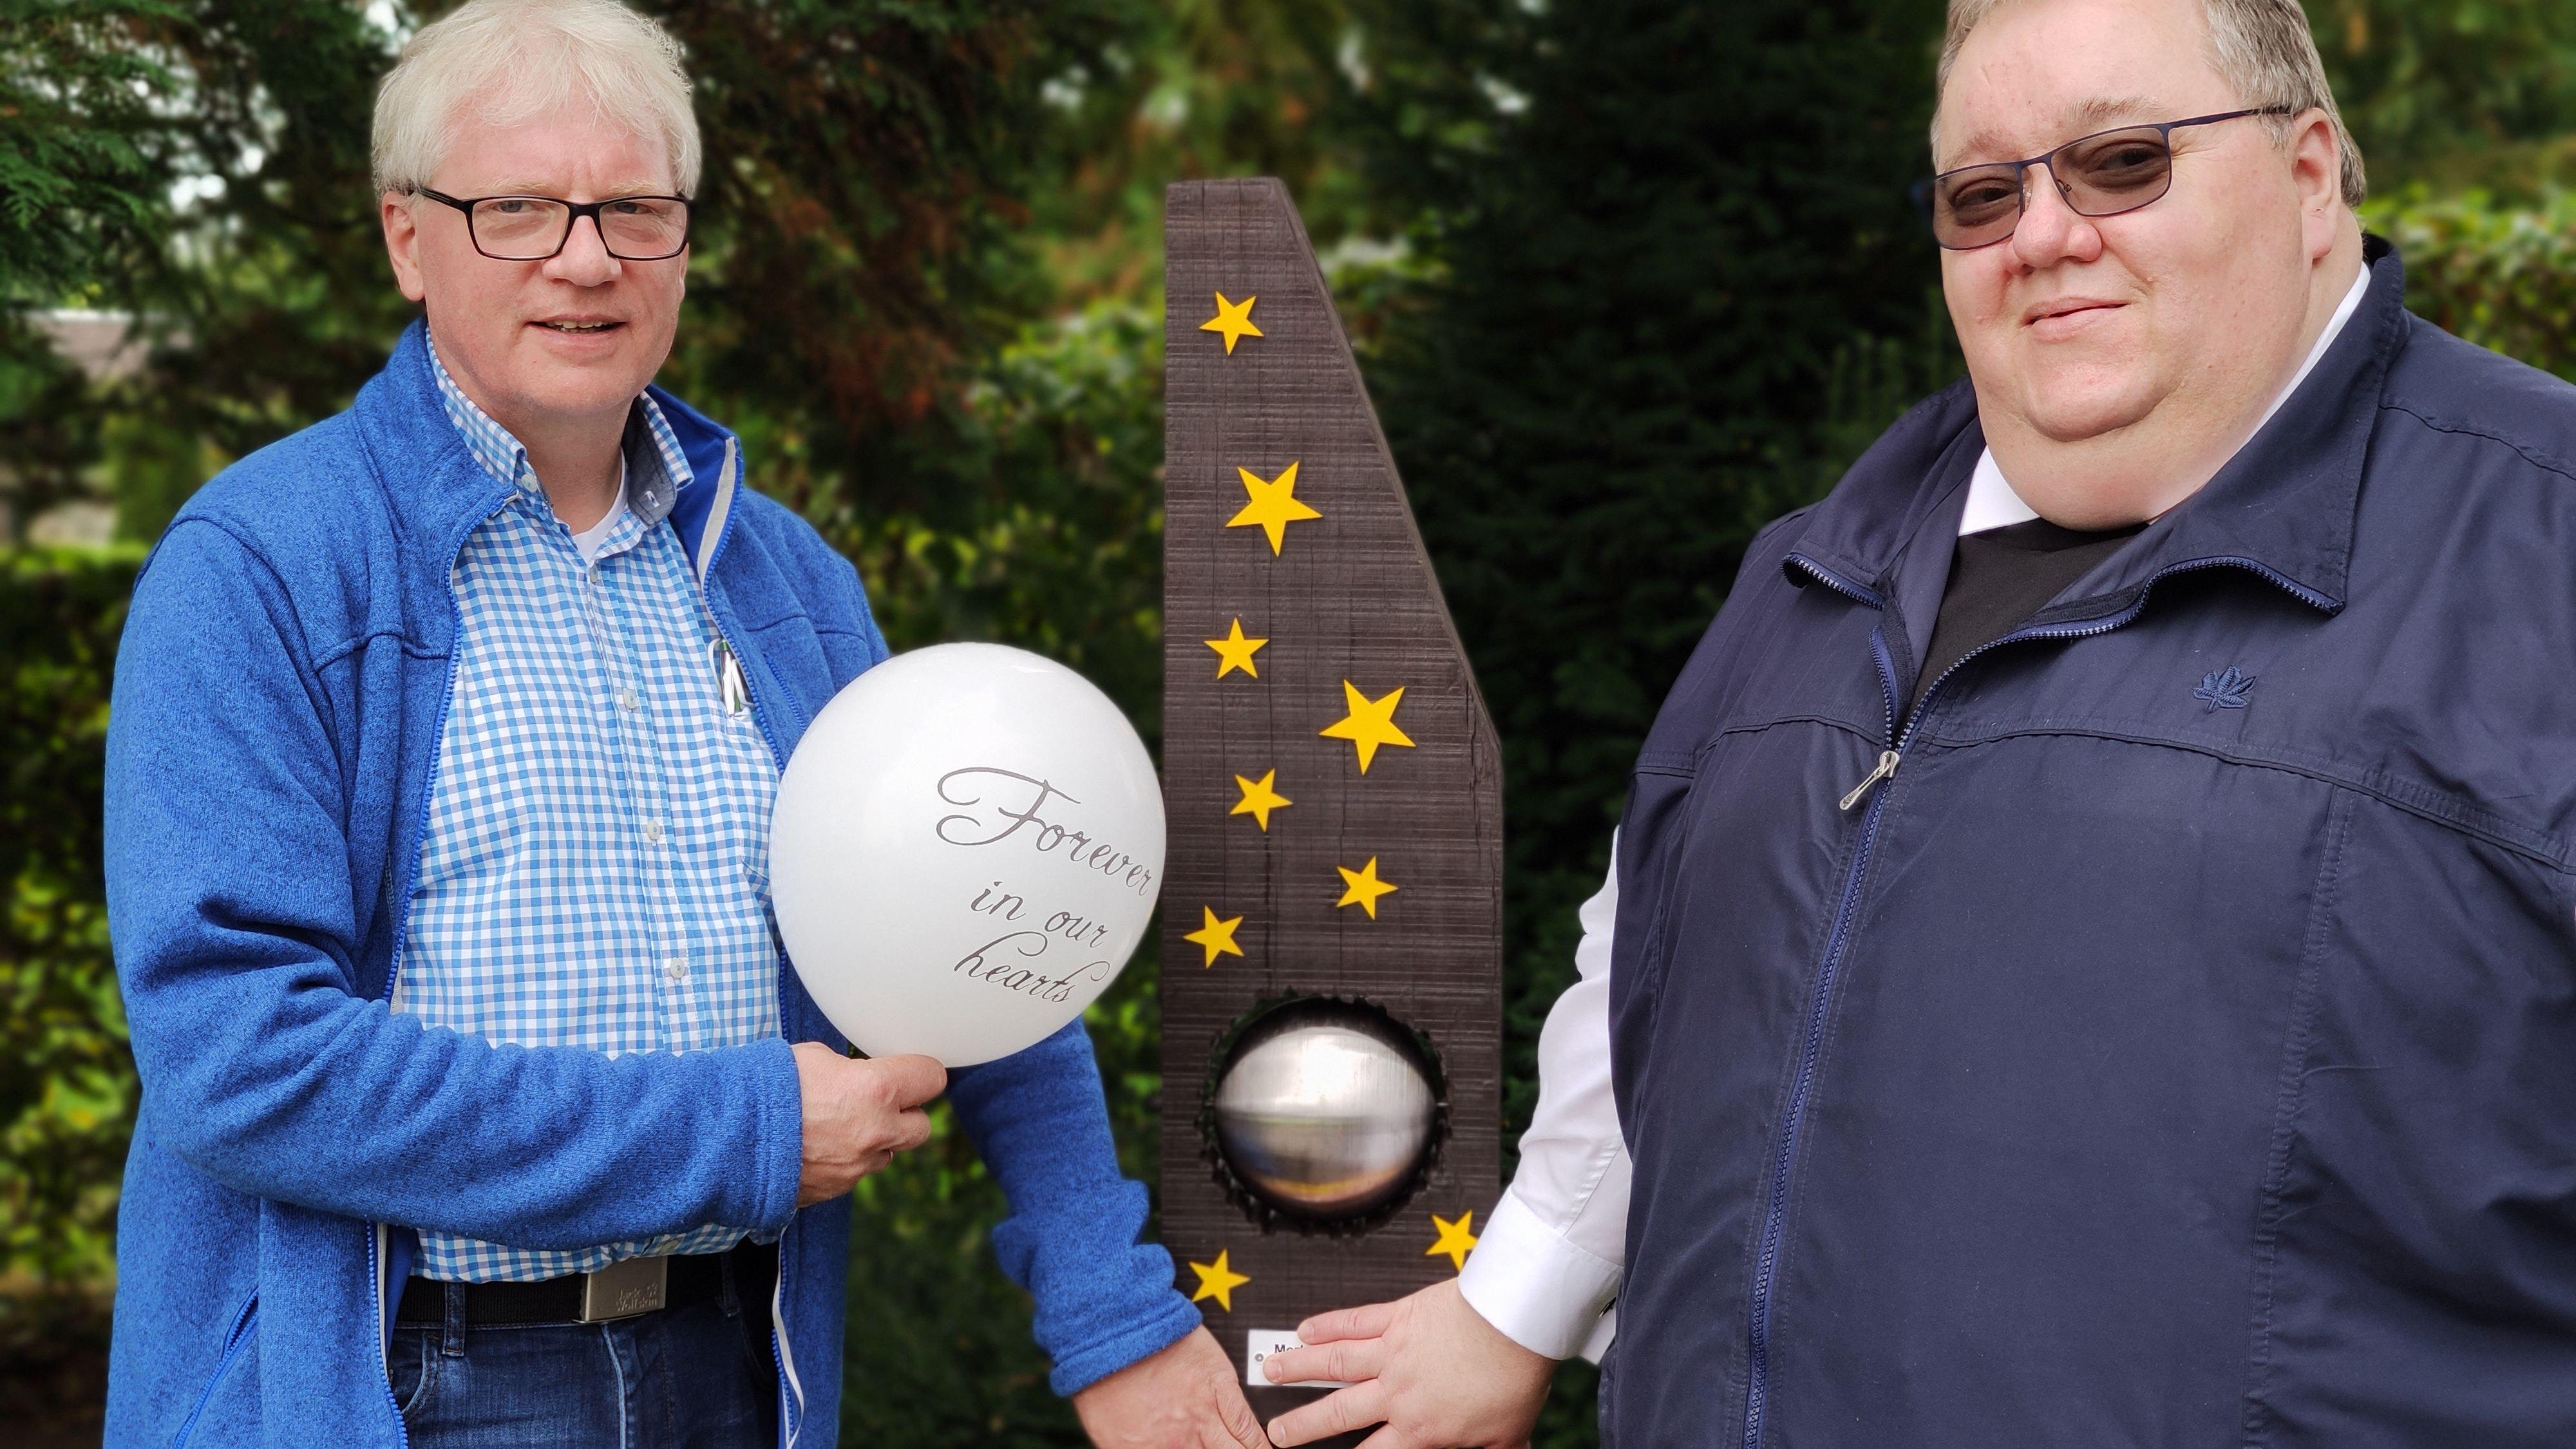 Stehle erinnert an die Sternenkinder: Pfarrer Johannes Kabon und Diakon Martin Bockhorst (links) weihten die neue Stele auf dem Friedhof in Dinklage ein. Foto: Röttgers